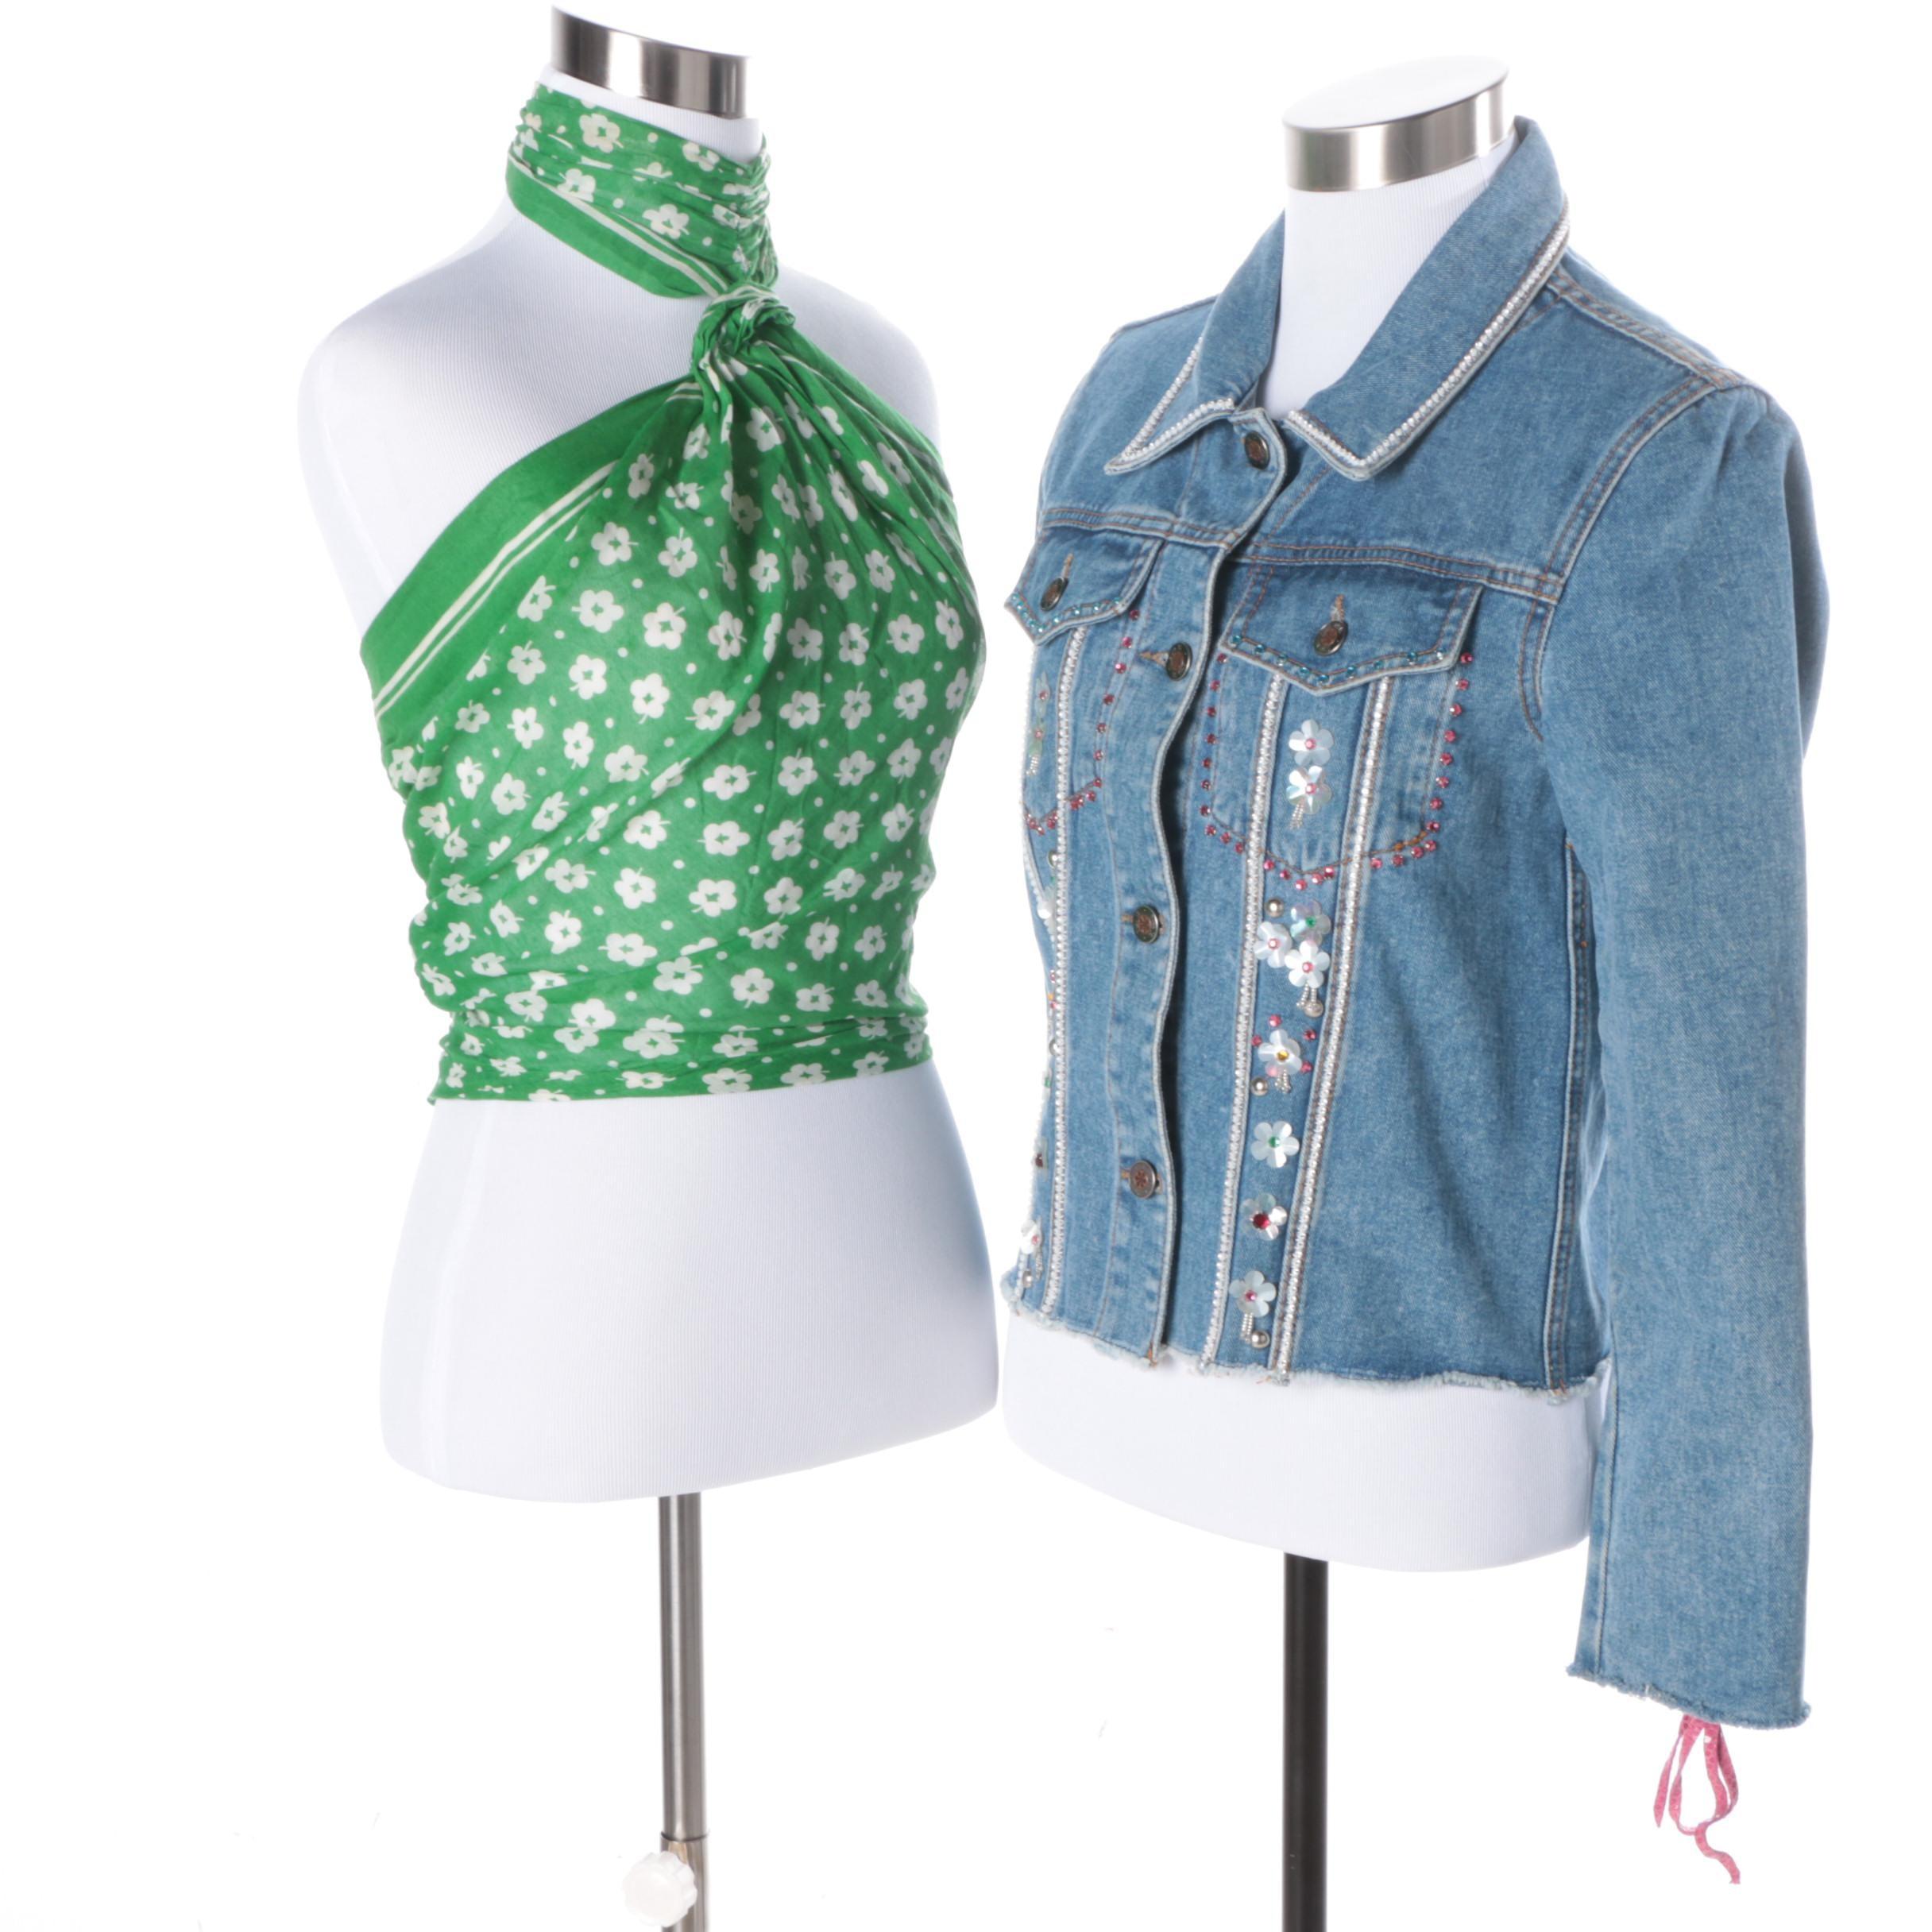 Embellished Denim Jacket and Cardinali Sample Halter Top